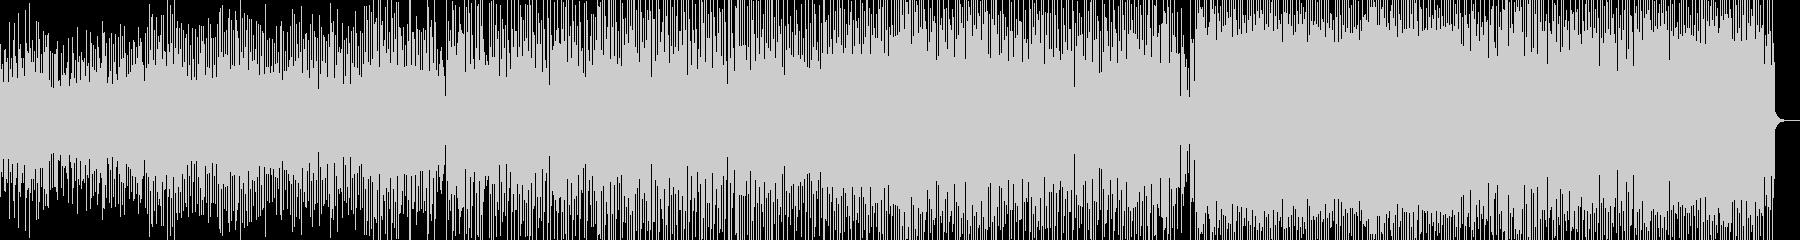 レトロなサイエンス・テクノエレクトロニカの未再生の波形